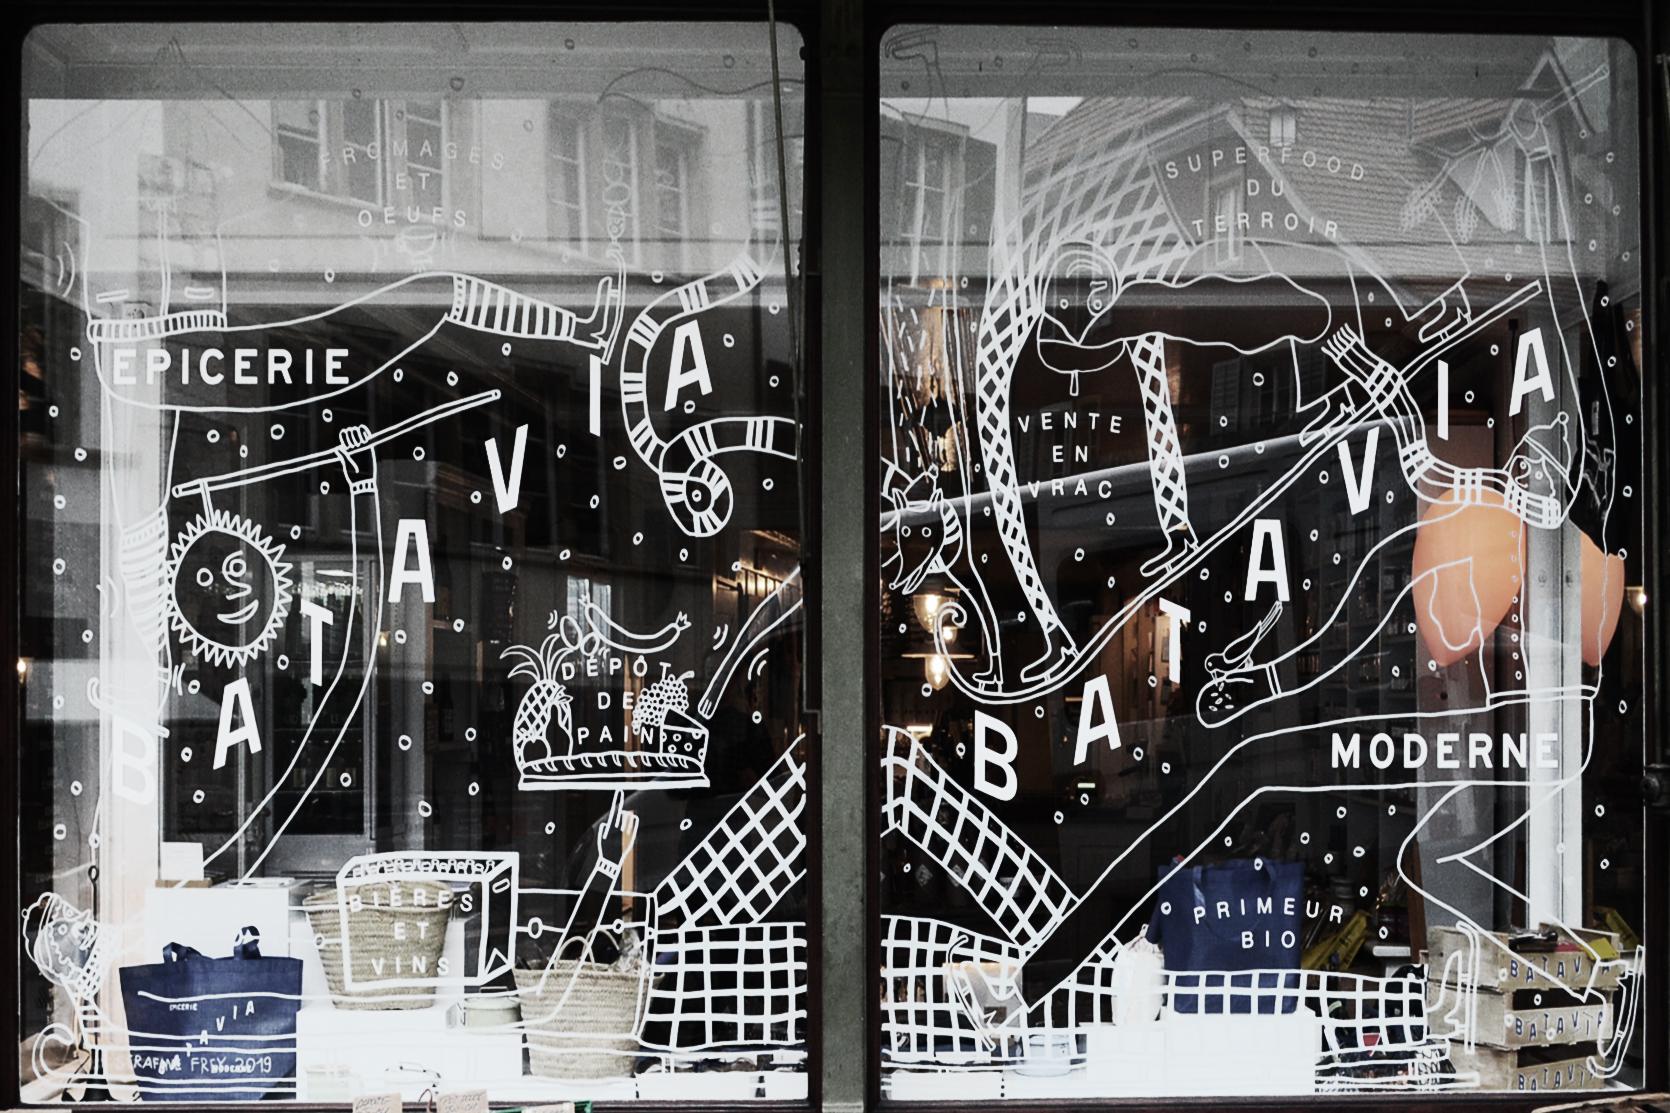 Weihnachtsschaufenster / Vitrine de Noel de l'artiste Sérafine Frey